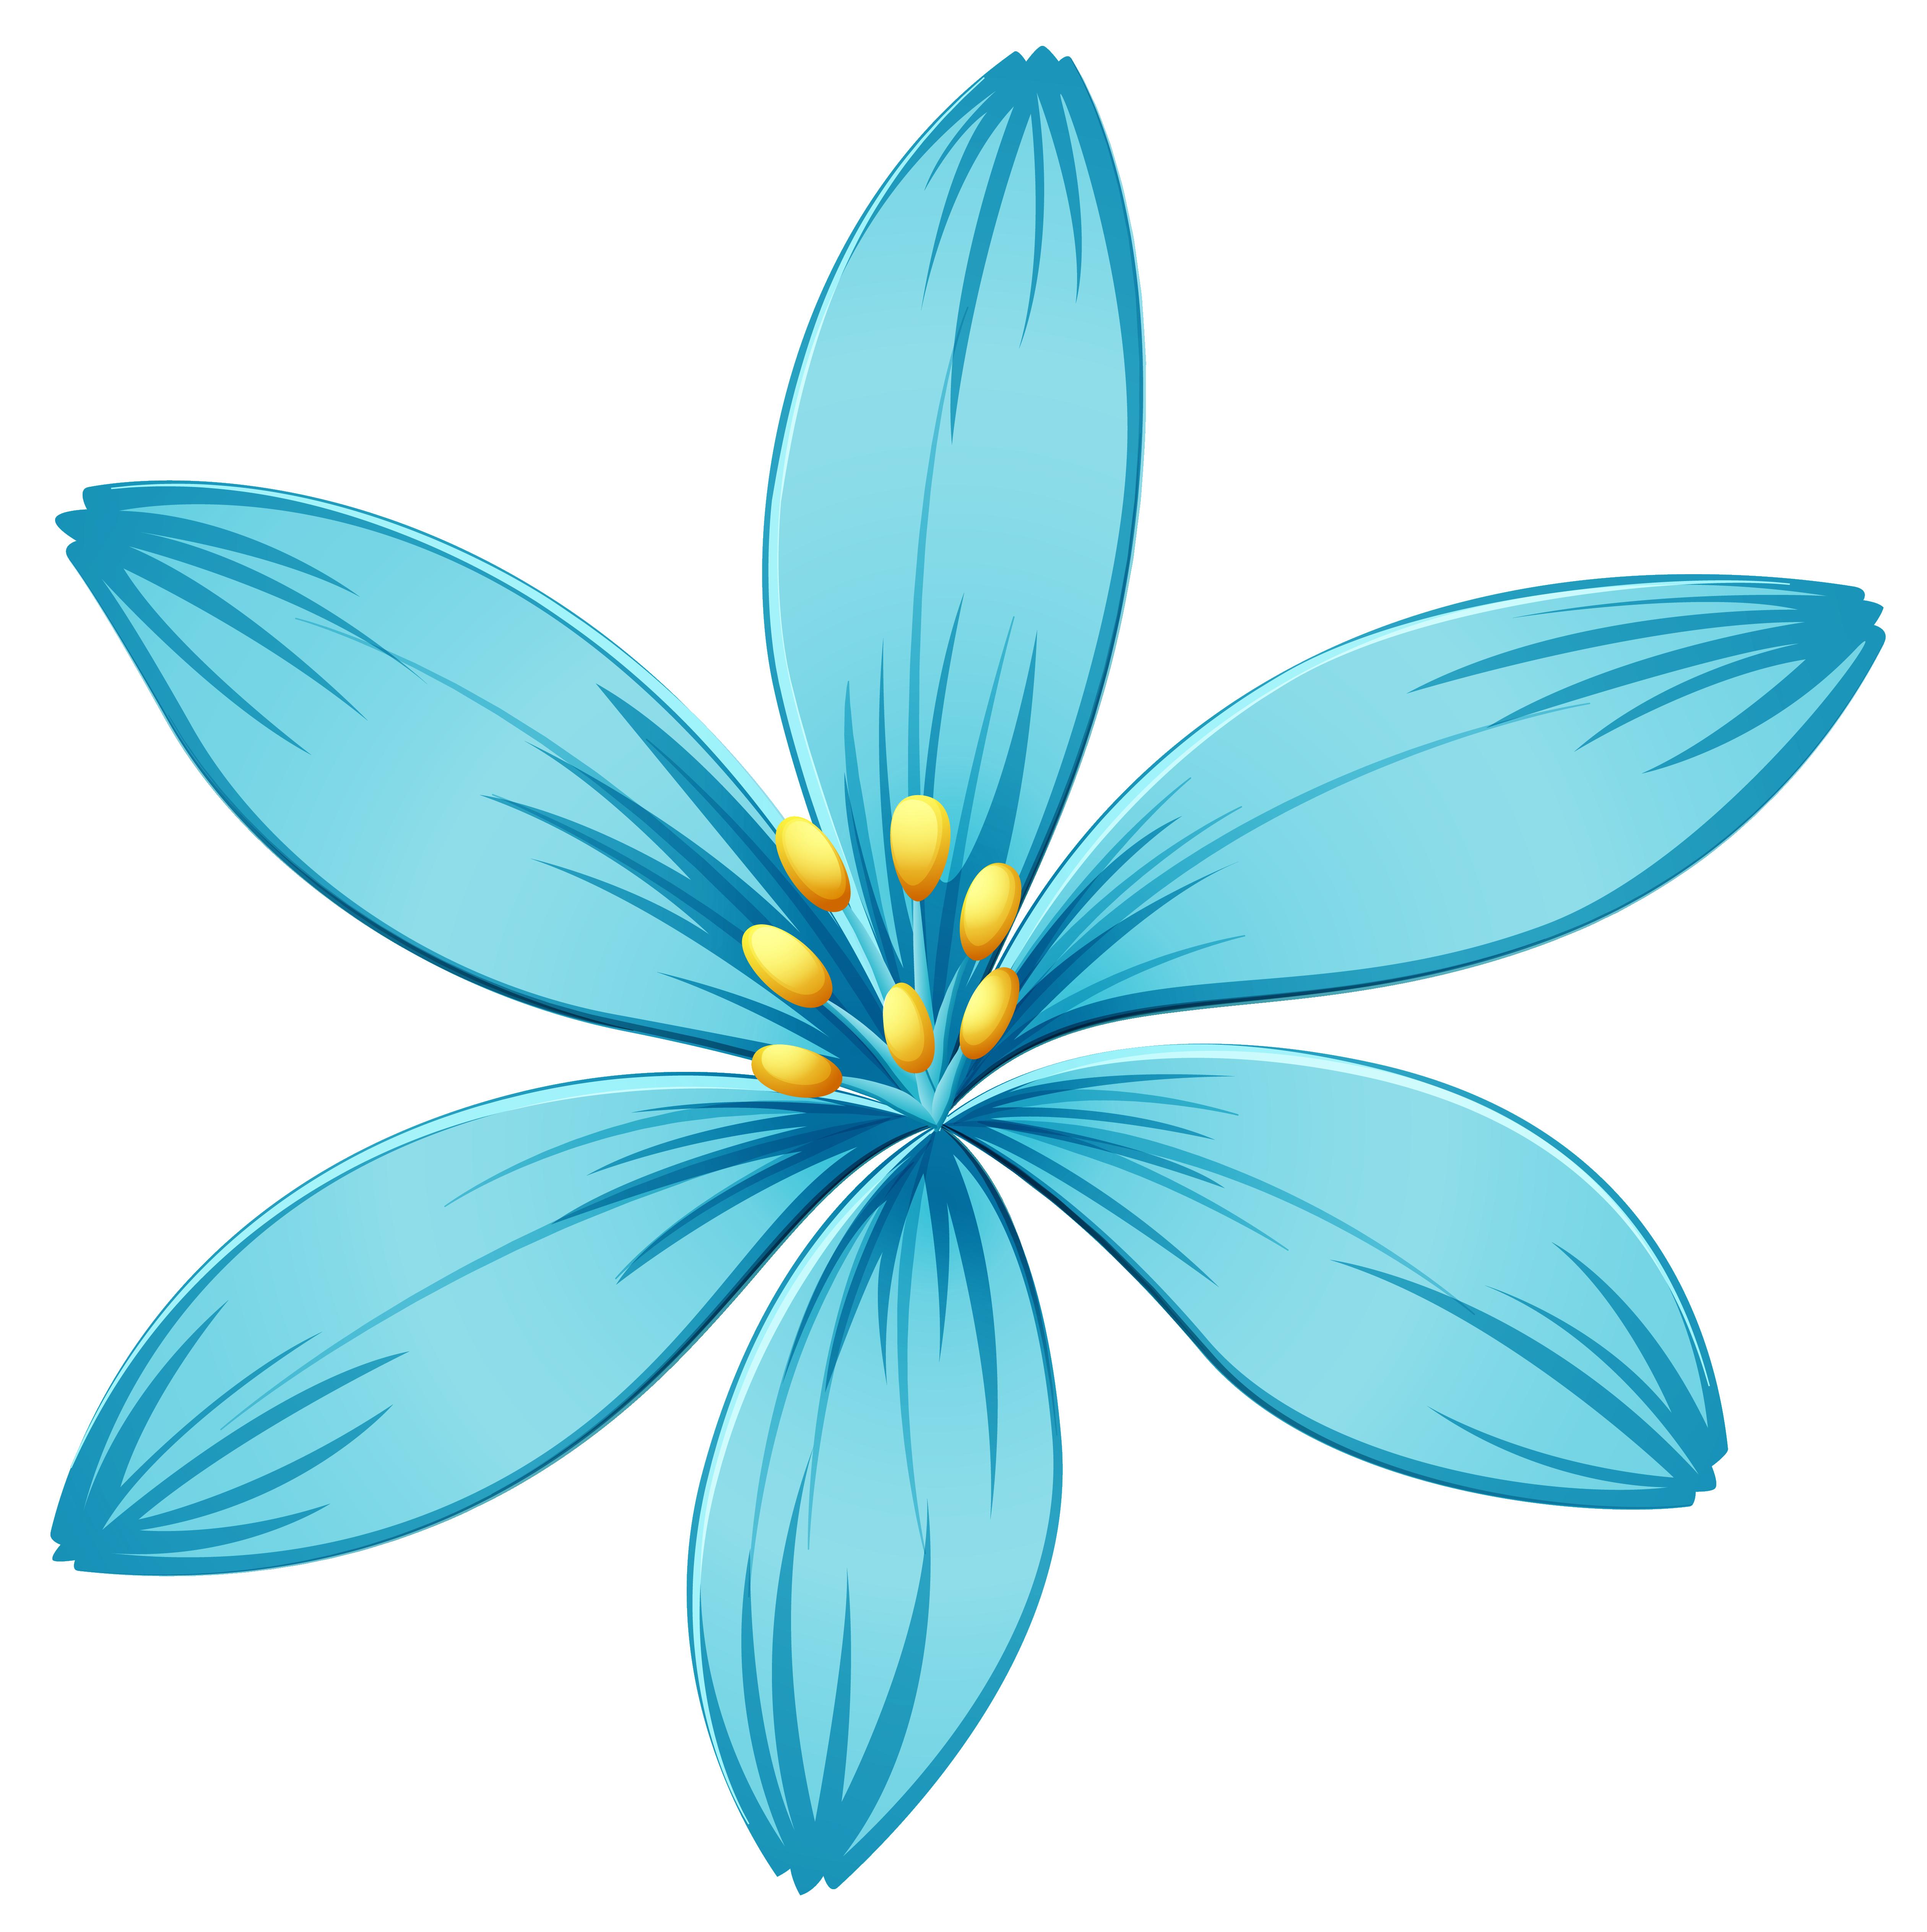 Blue Flower PNG Image.